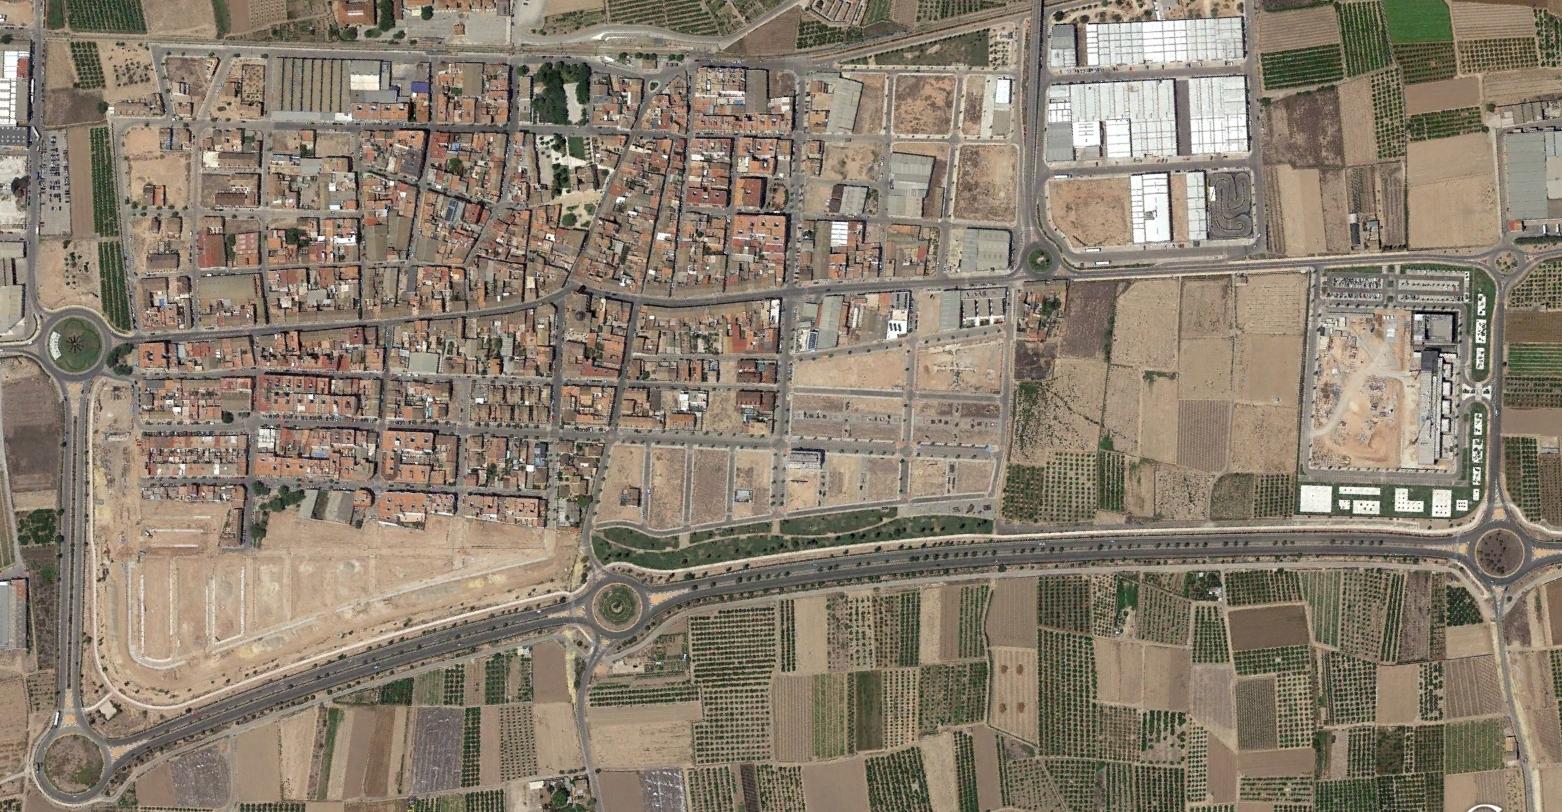 albalat dels sorells, valencia, jordi albalat, después, urbanismo, planeamiento, urbano, desastre, urbanístico, construcción, rotondas, carretera